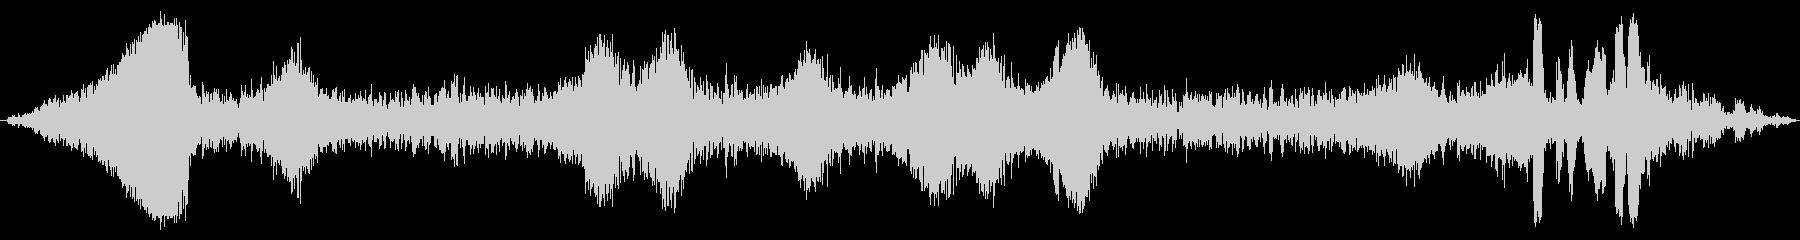 プエブロ0〜50のキャリッジパスの未再生の波形